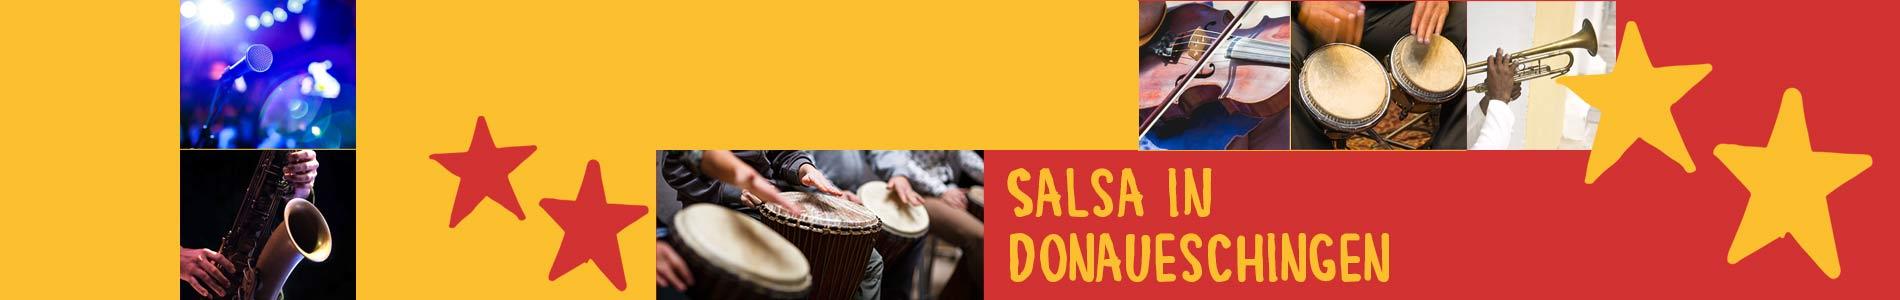 Salsa in Donaueschingen – Salsa lernen und tanzen, Tanzkurse, Partys, Veranstaltungen